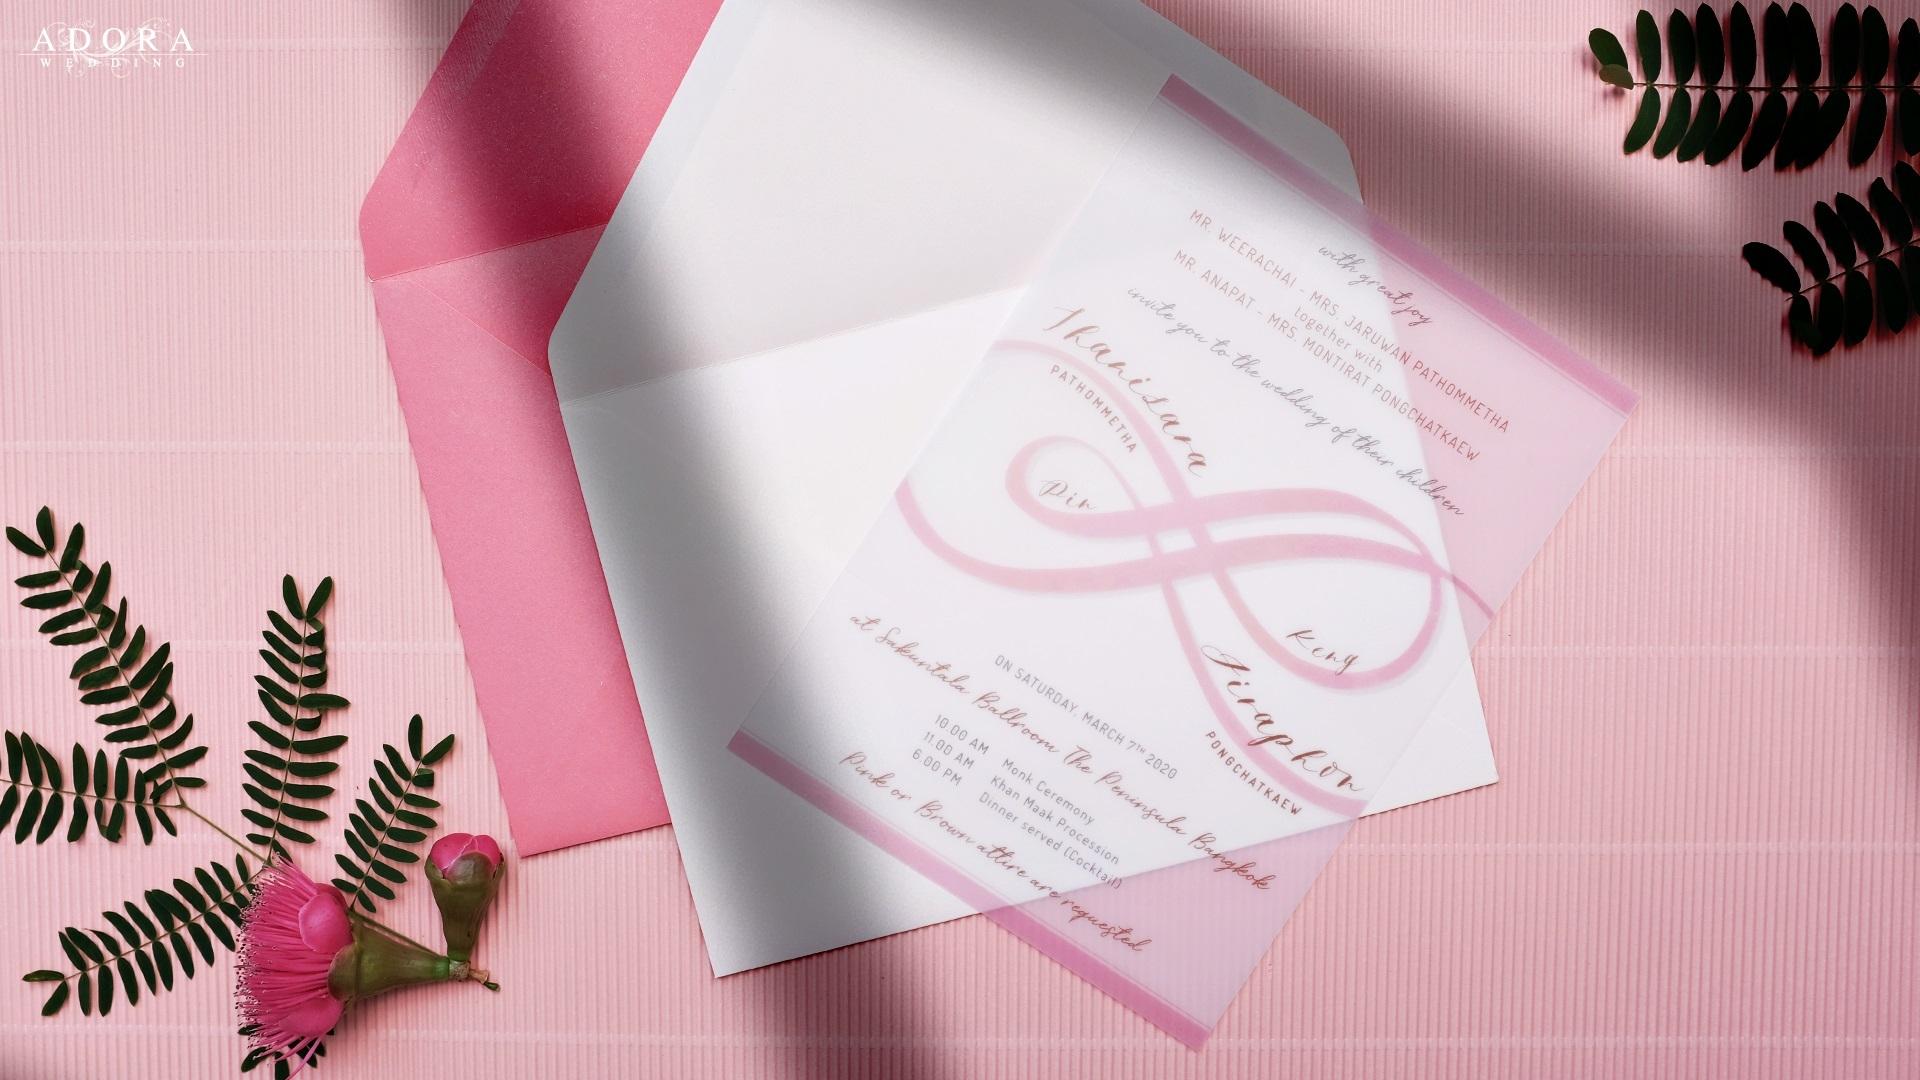 B087LM-wedding-card-2